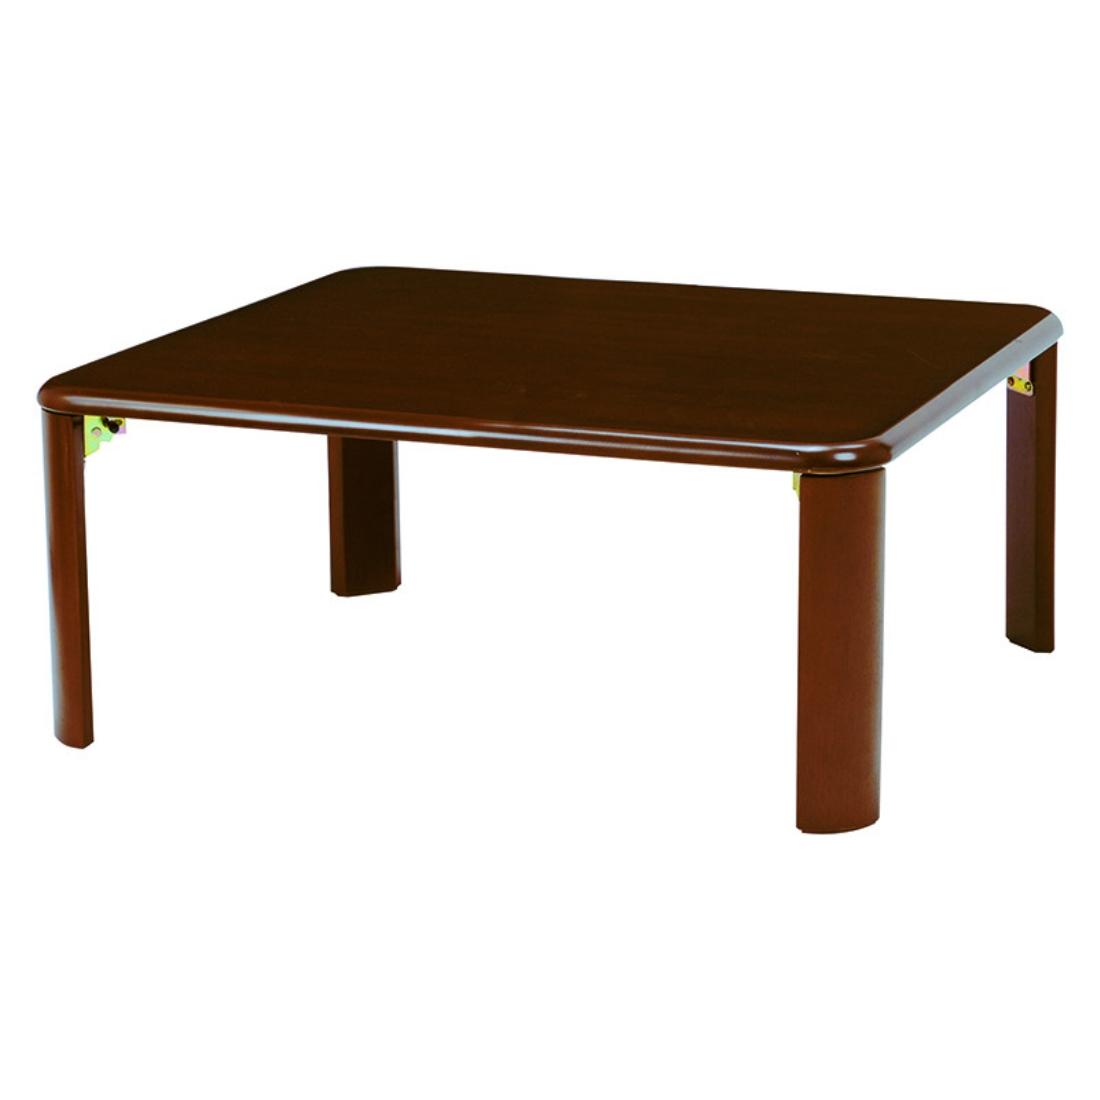 送料無料 オシャレ 家具 折れ脚 テーブル 机